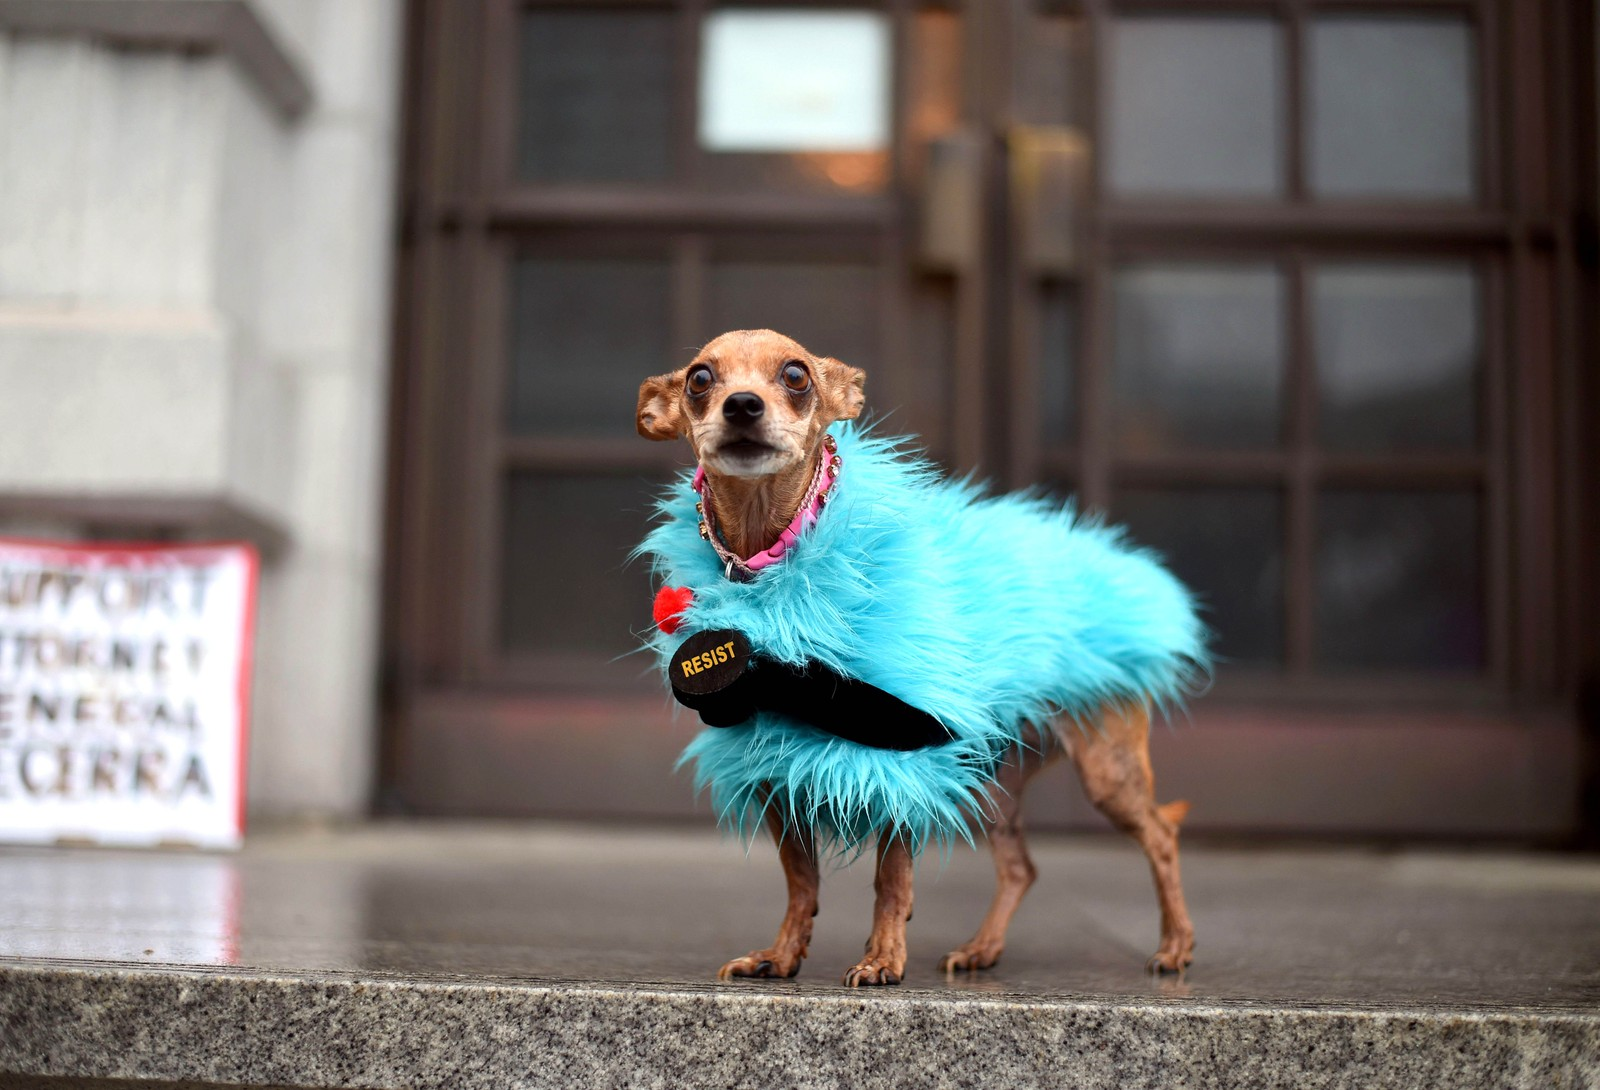 Hunden Doggie står foran en domstol i San Fransisco under en demonstrasjon mot innreiseforbudet.